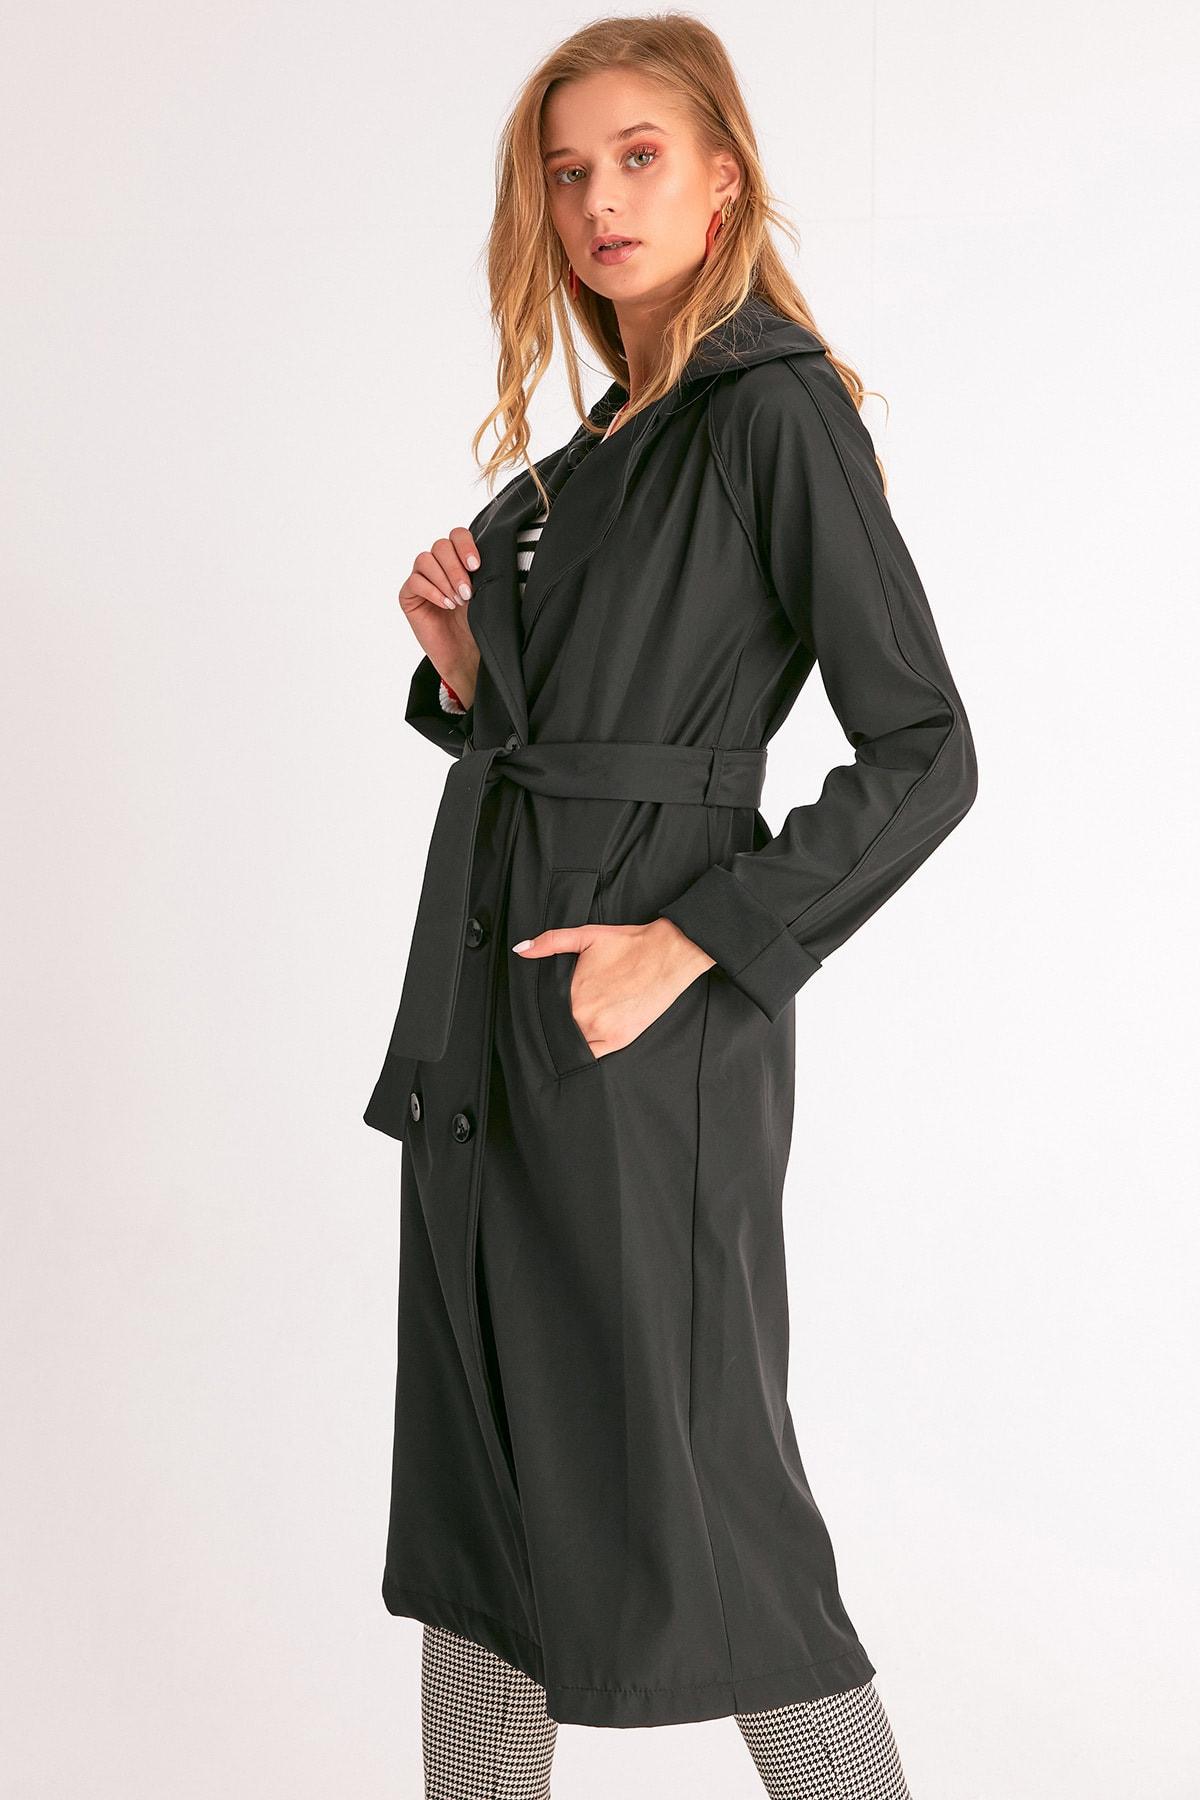 Fulla Moda Kadın Siyah Klasik Kemerli Trençkot 2